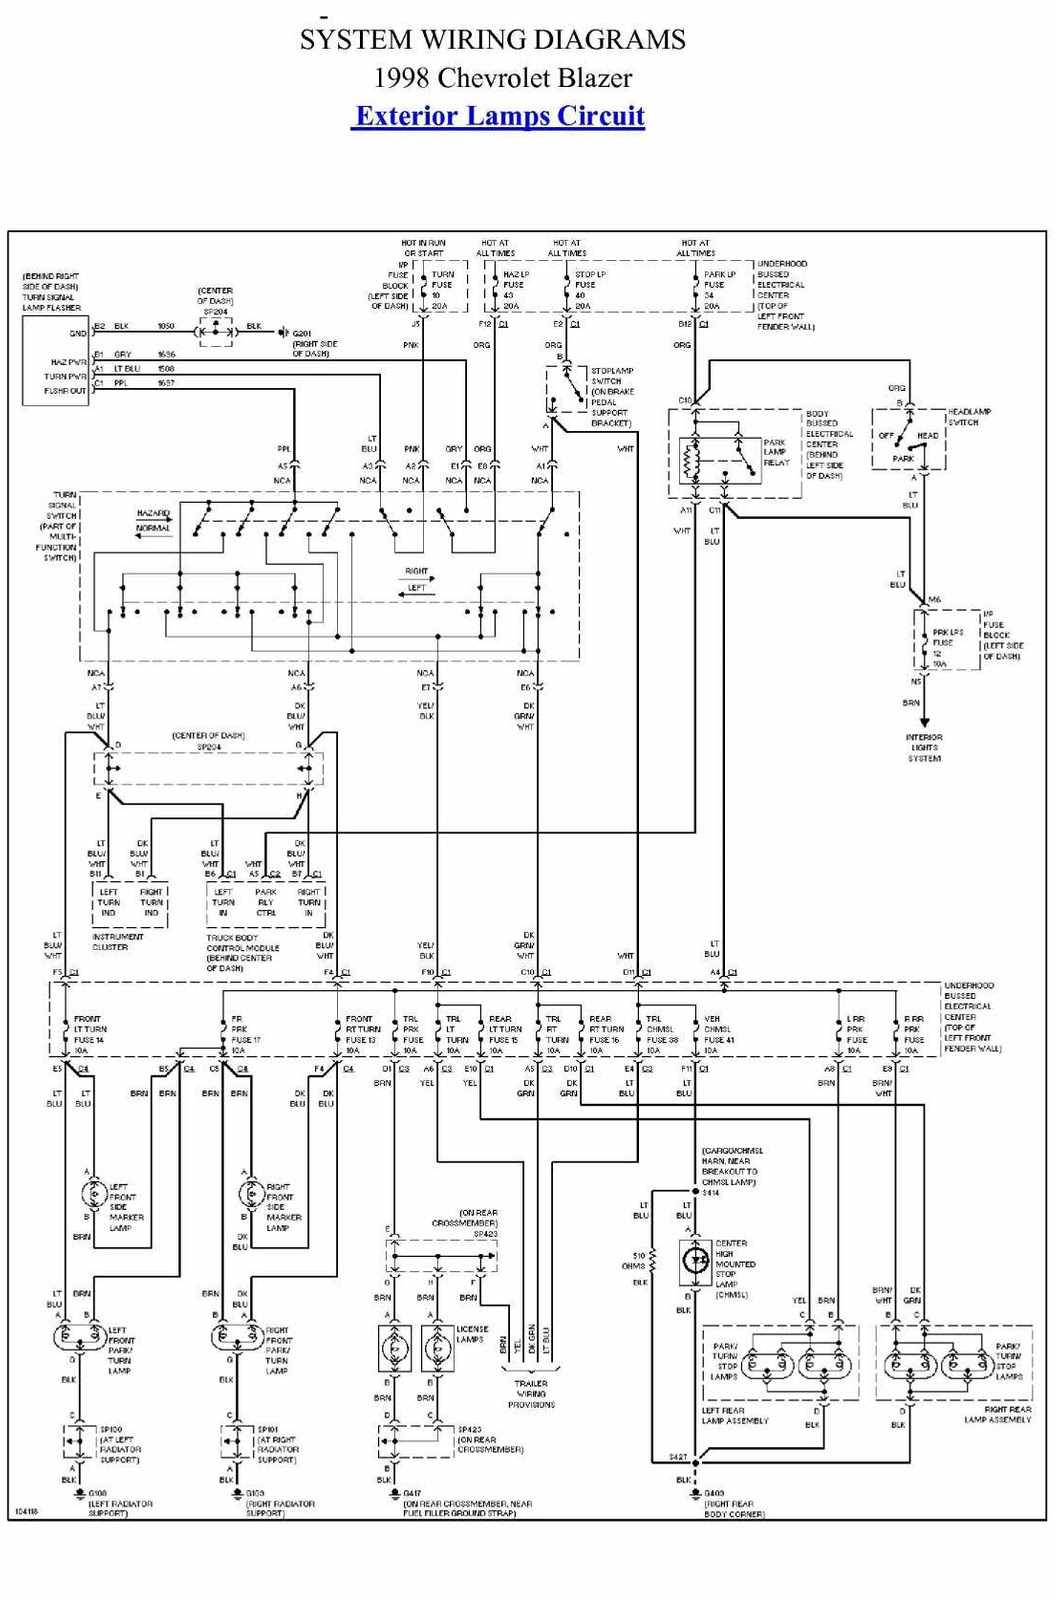 hight resolution of 98 blazer trailer wiring diagram schema wiring diagram 1998 blazer stereo wiring diagram 1998 blazer wiring diagram